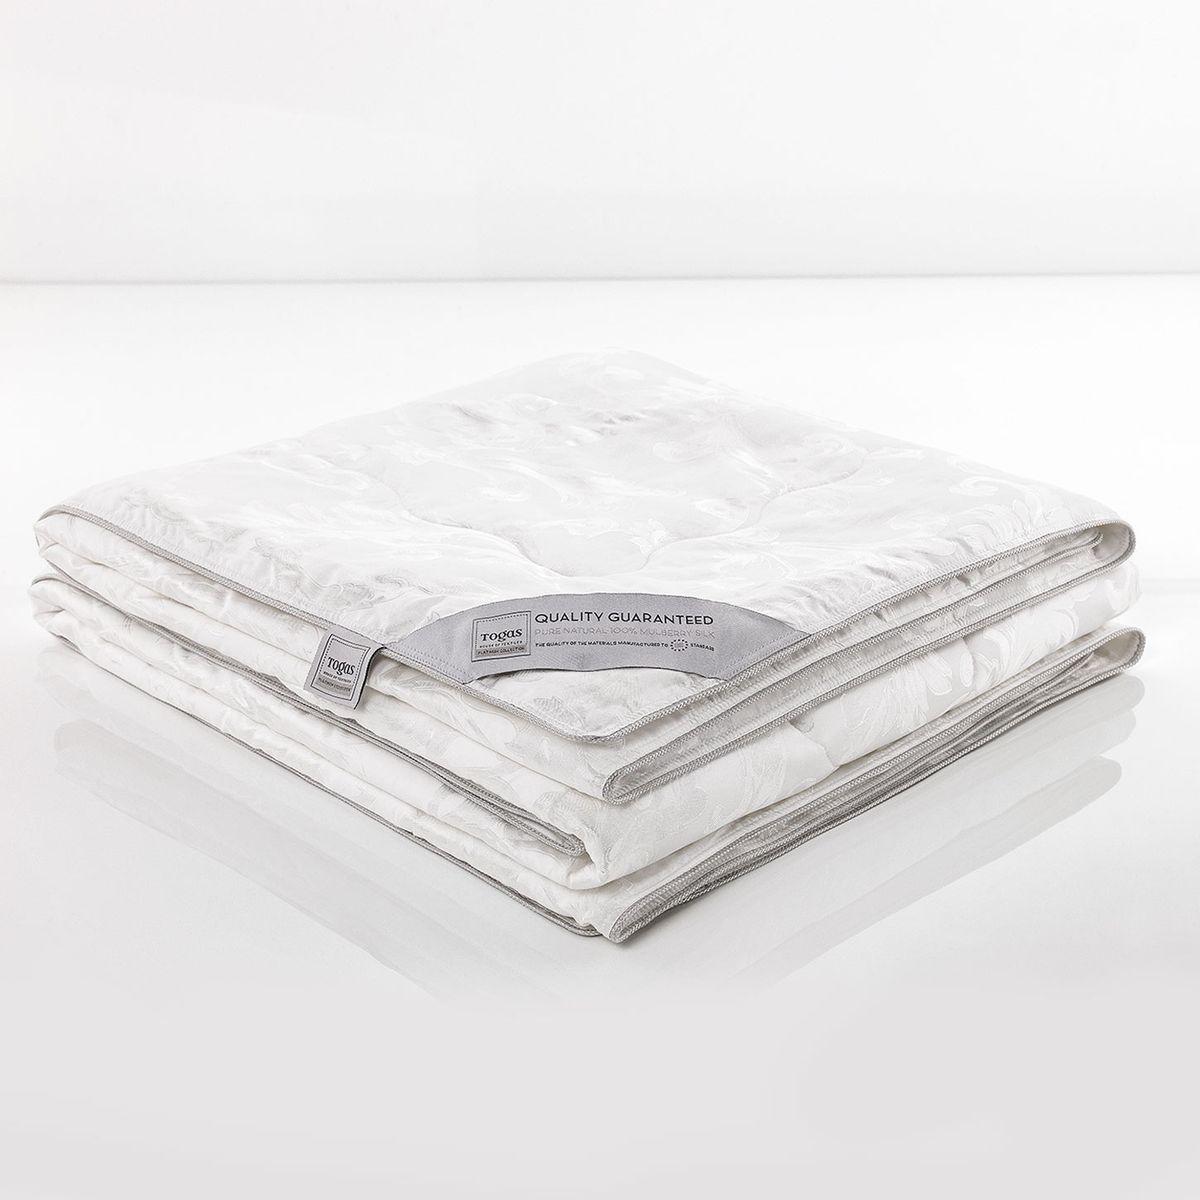 """Одеяло Шелк В Шелке, 200 х 210 см. 47.3447.34Если Вы стремились к совершенству, - Вы его достигли: одеяло «Шелк в шелке» - настоящая жемчужина коллекции Togas. Ничто не сравнится с прикосновением натурального шелка к Вашей коже… Шелк - прекрасный натуральный терморегулятор. Он способен быстро поглощать тепло и поддерживать неизменную температуру тела вне зависимости от условий окружающей среды, создавая идеальный микроклимат. Шелк дышит: он хорошо впитывает и испаряет влагу, """"кондиционирует"""" тело во время сна, насыщая его кислородом. Одеяло, сделанное из натурального шелка сорта Малбери, отличается особой нежностью и абсолютной невесомостью."""